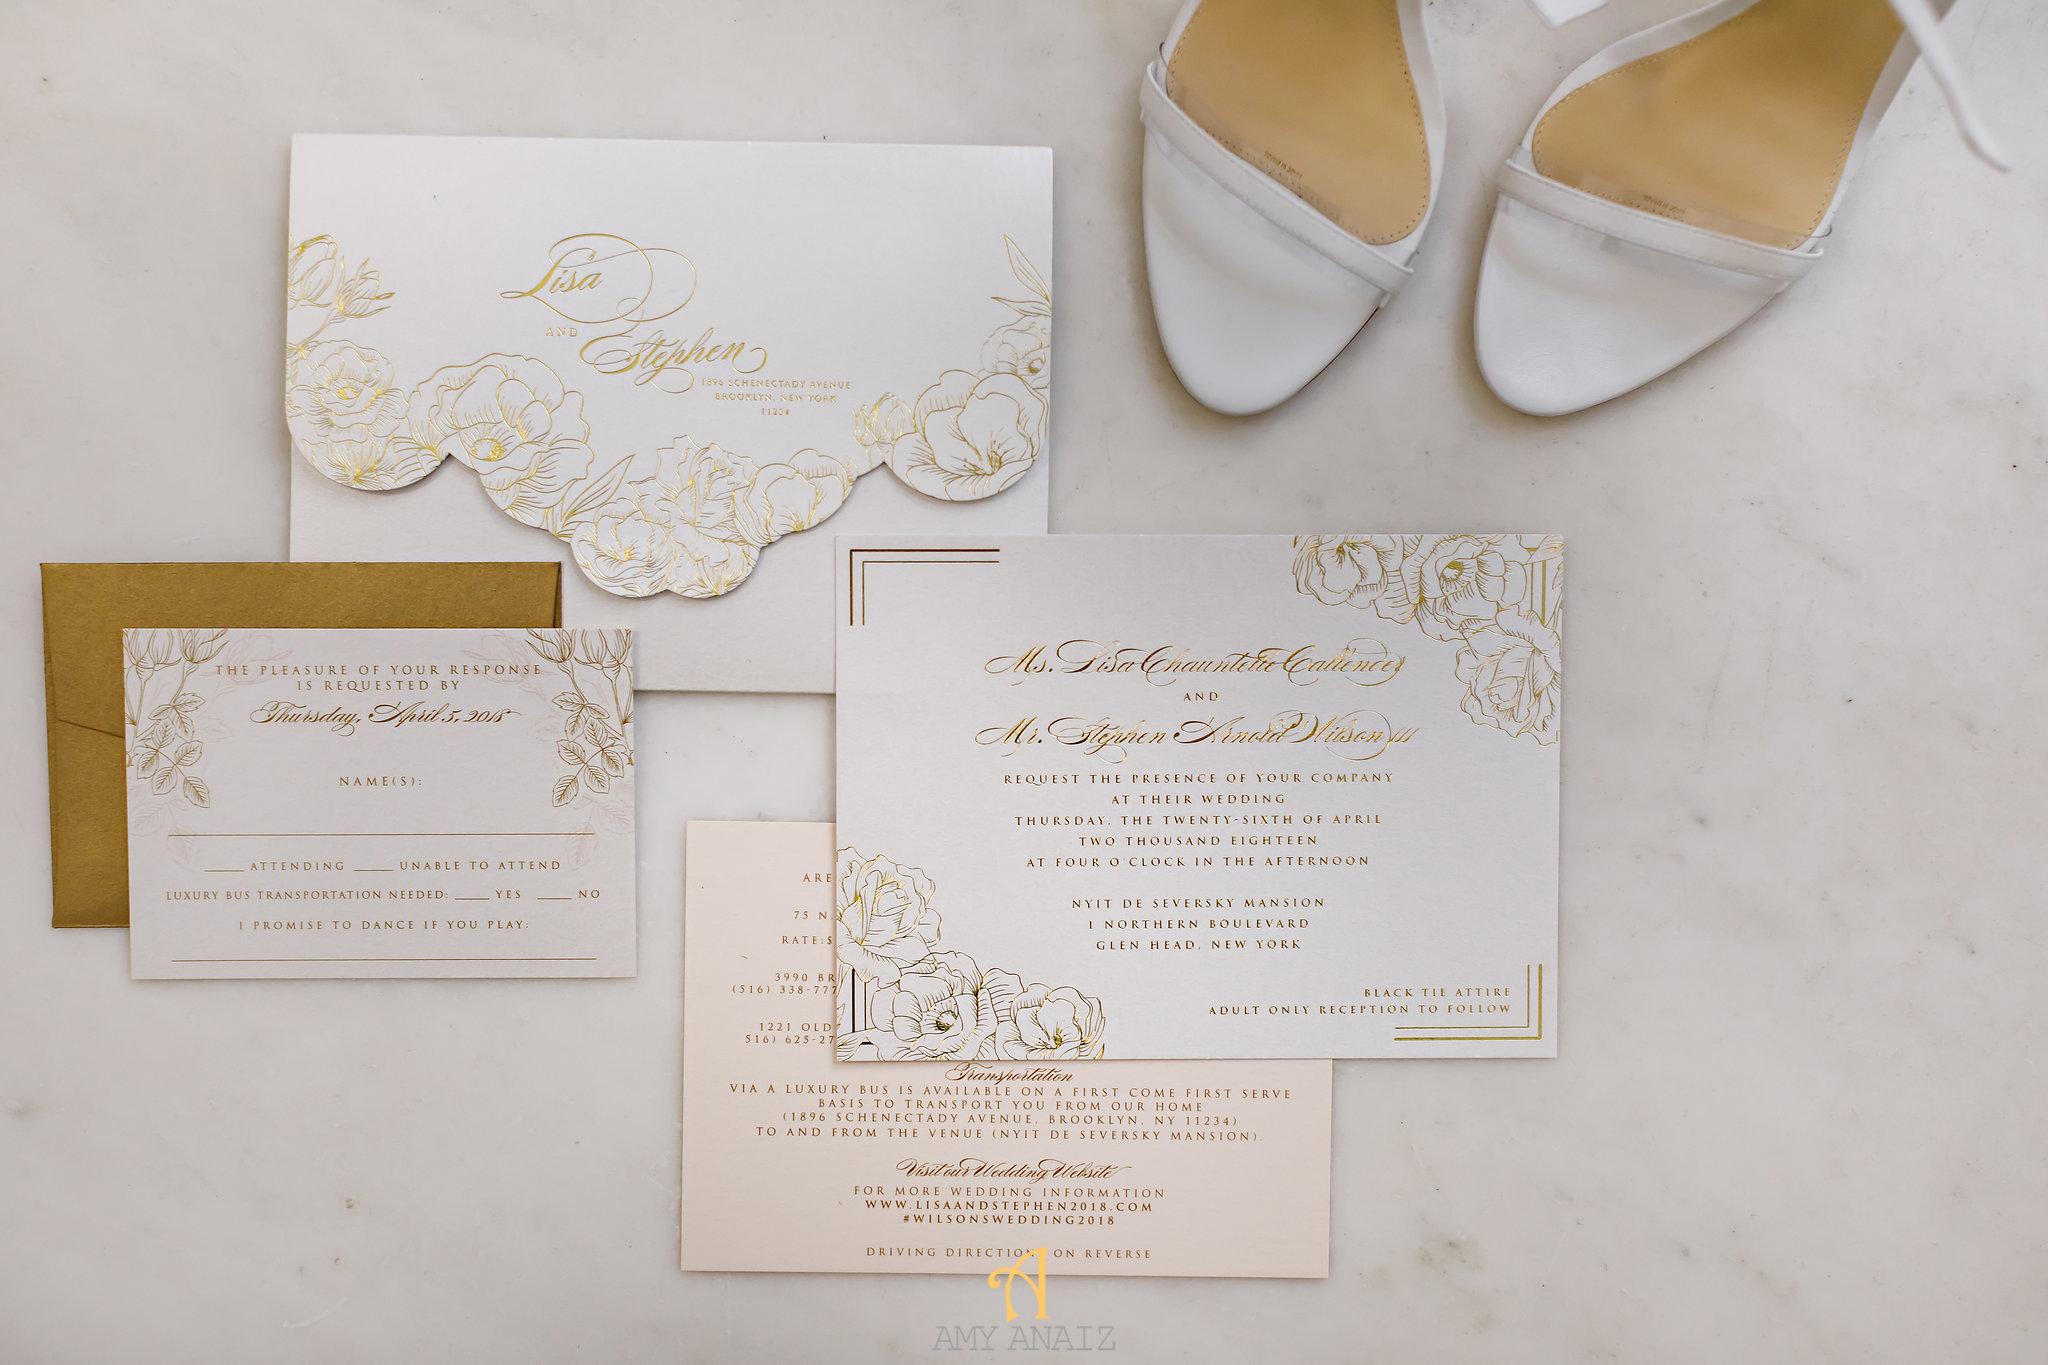 NYIT de Serversky Mansion, Long Island Wedding, Bridal Details, Bridal Shoes.JPG